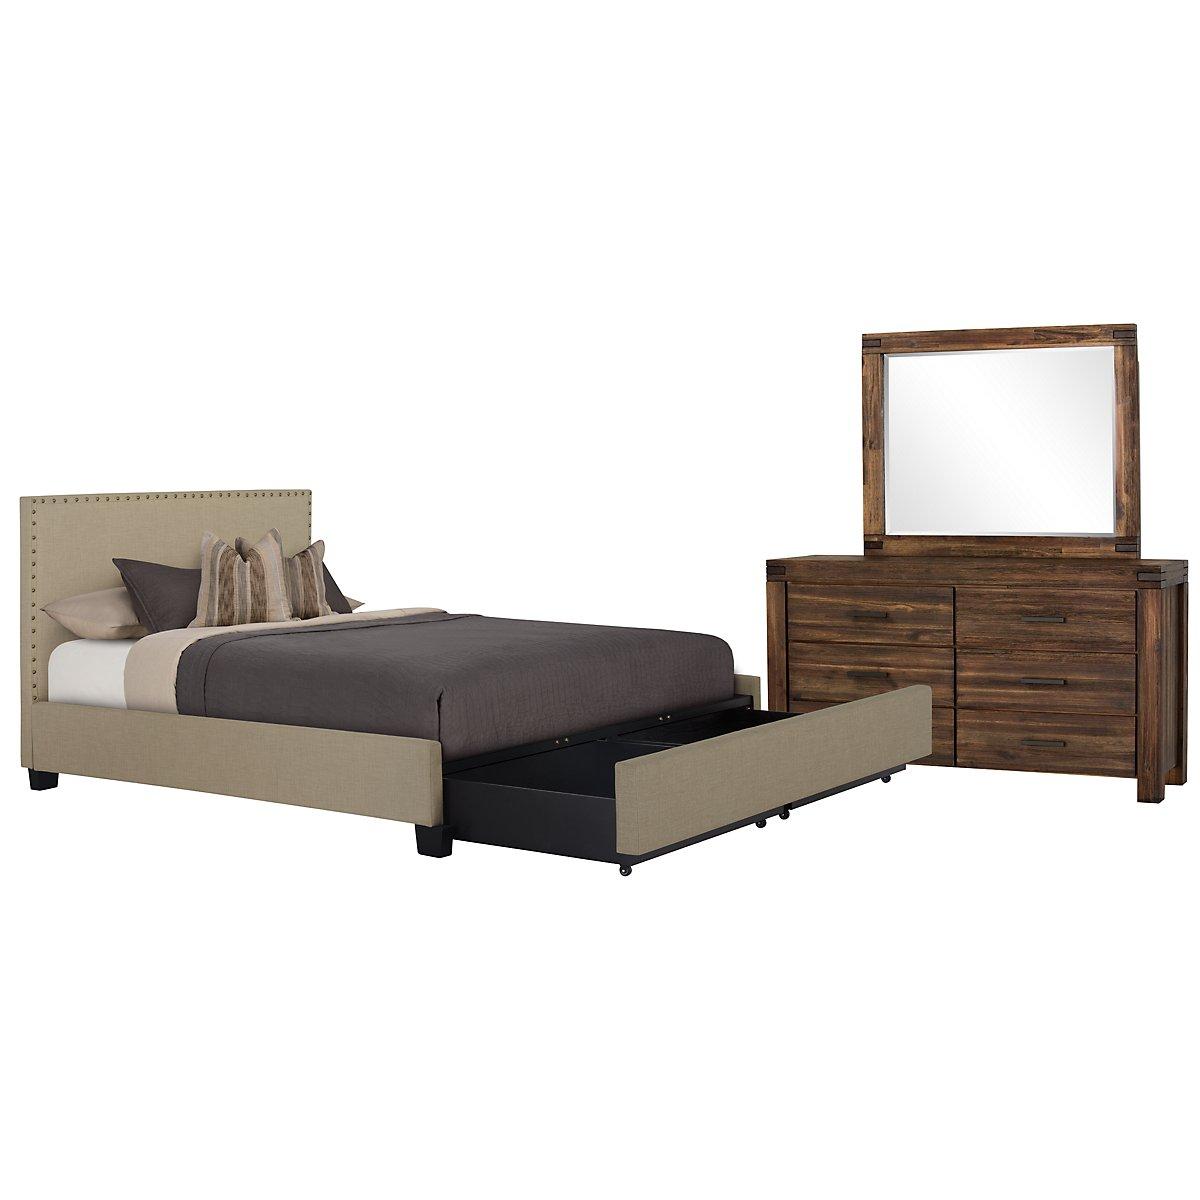 Holden Taupe Upholstered Platform Storage Bedroom